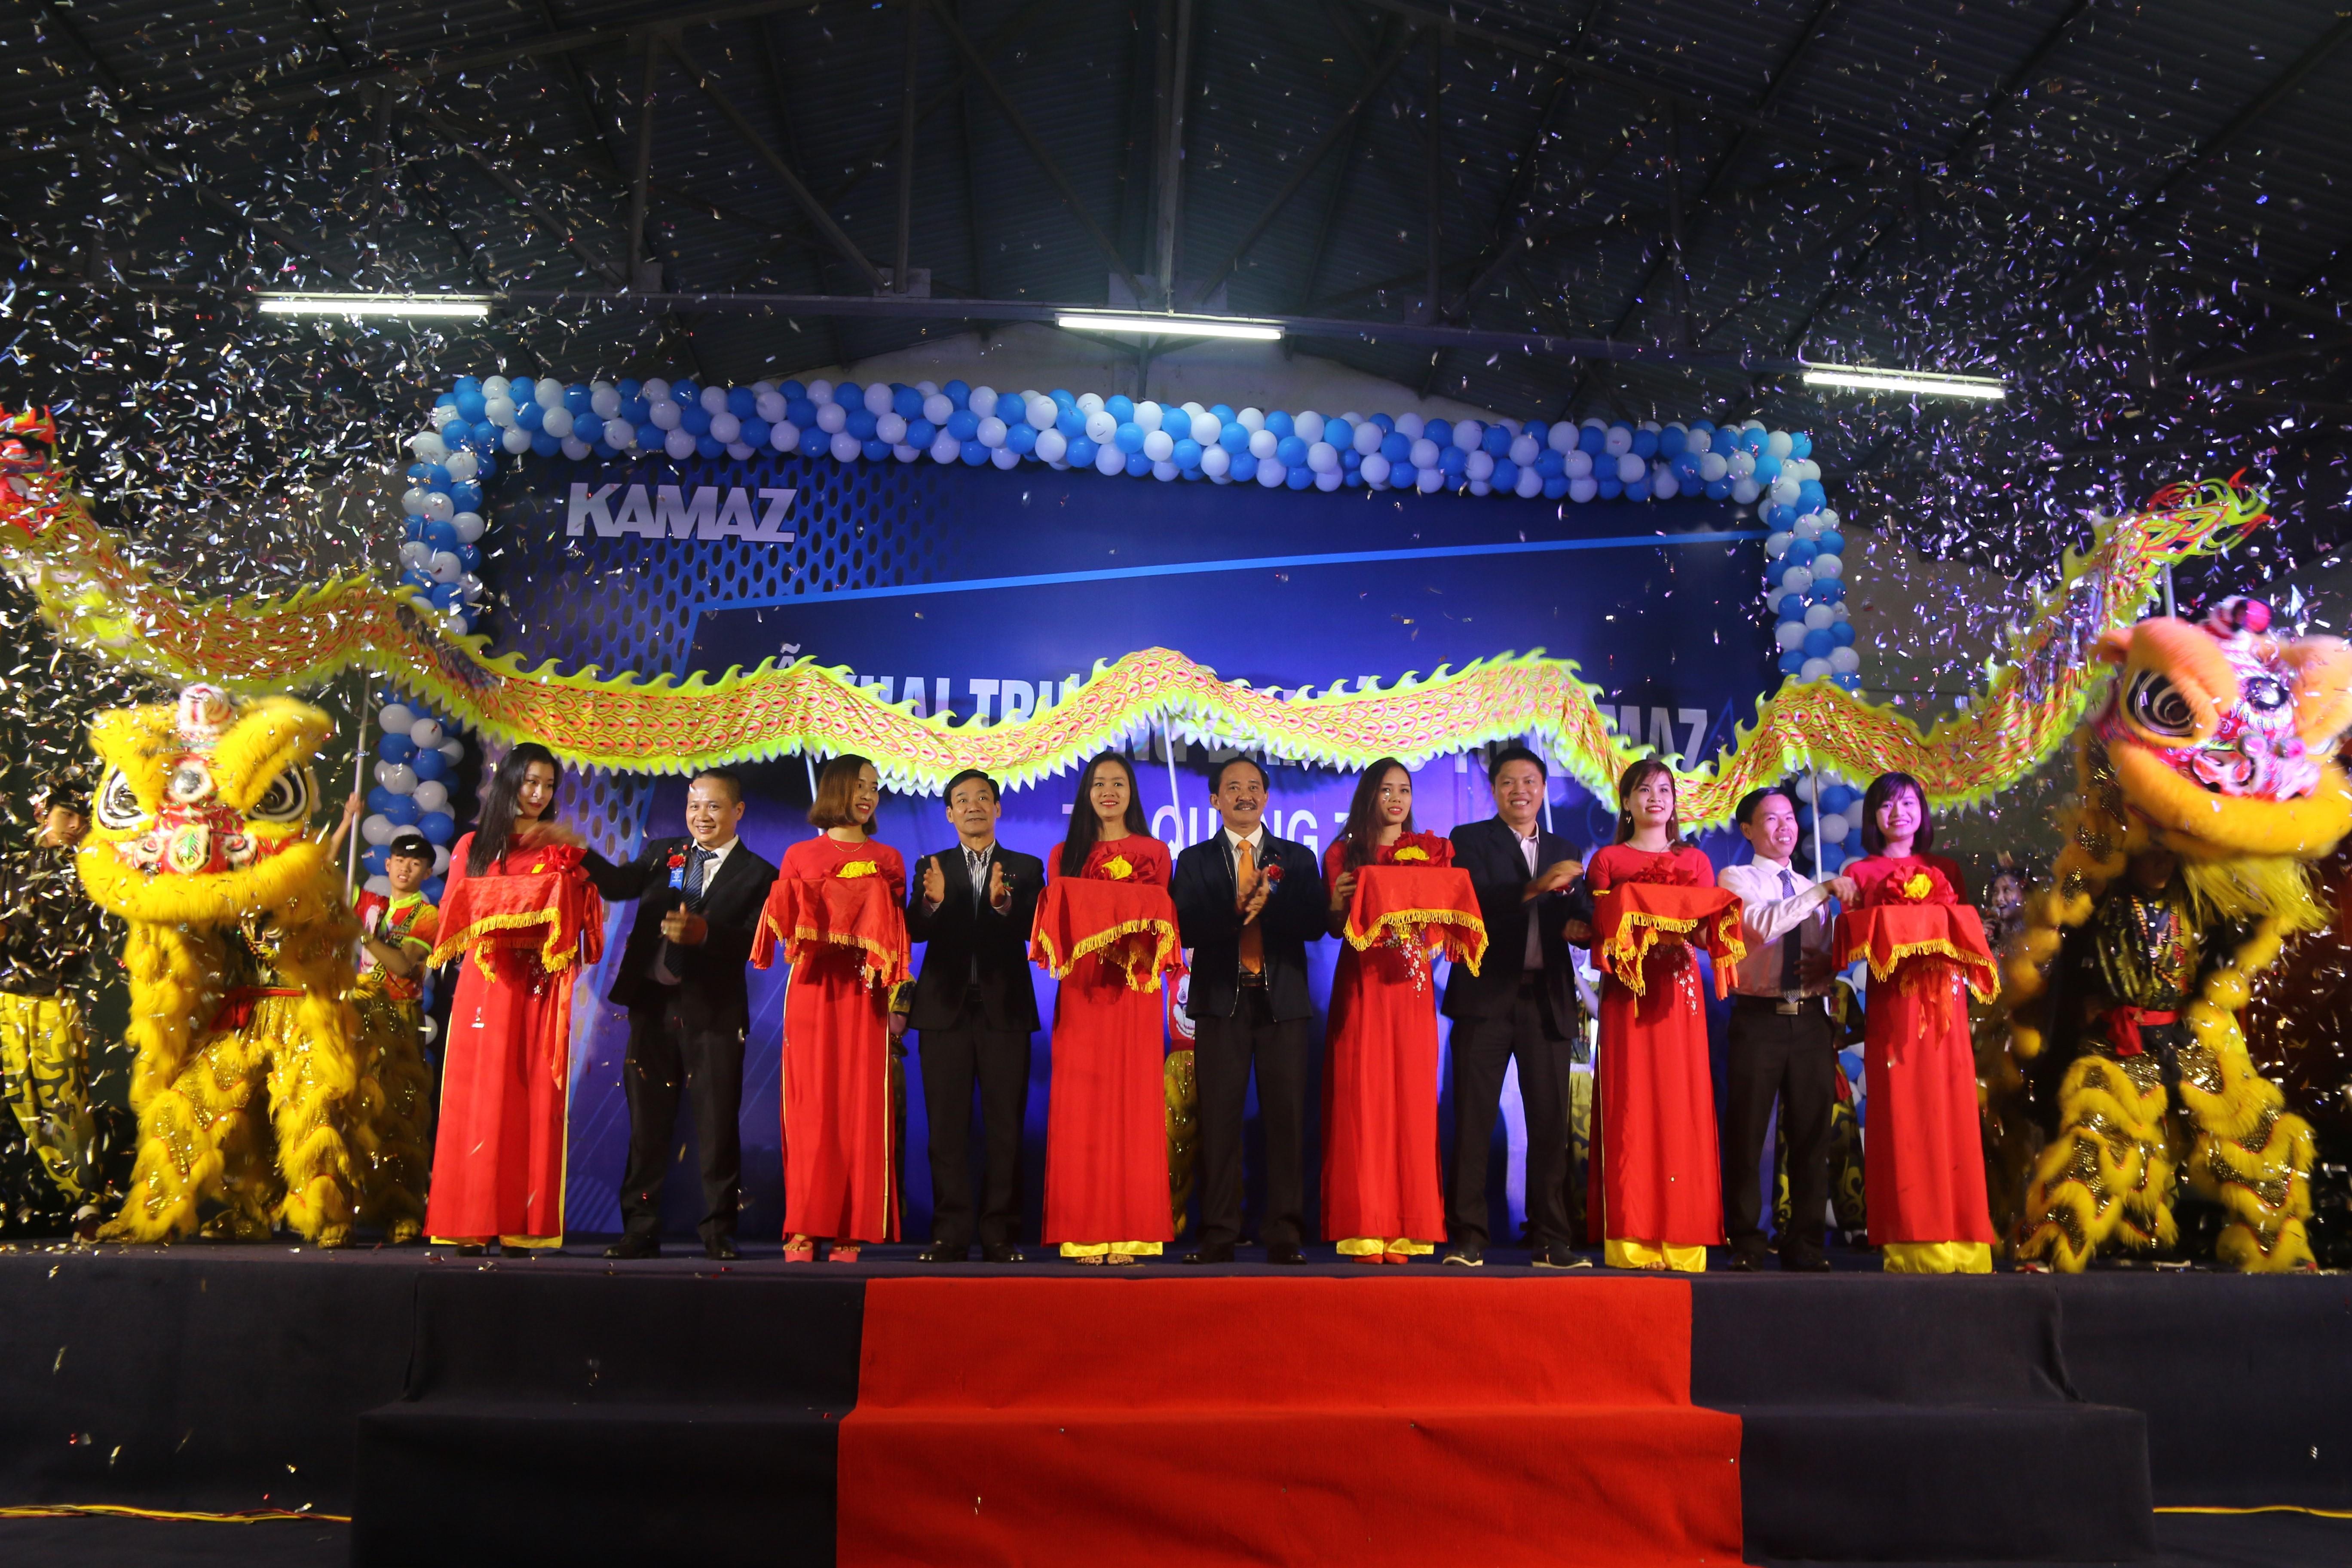 Khánh thành và khai trương Showroom ô tô Kamaz tại Quảng Trị